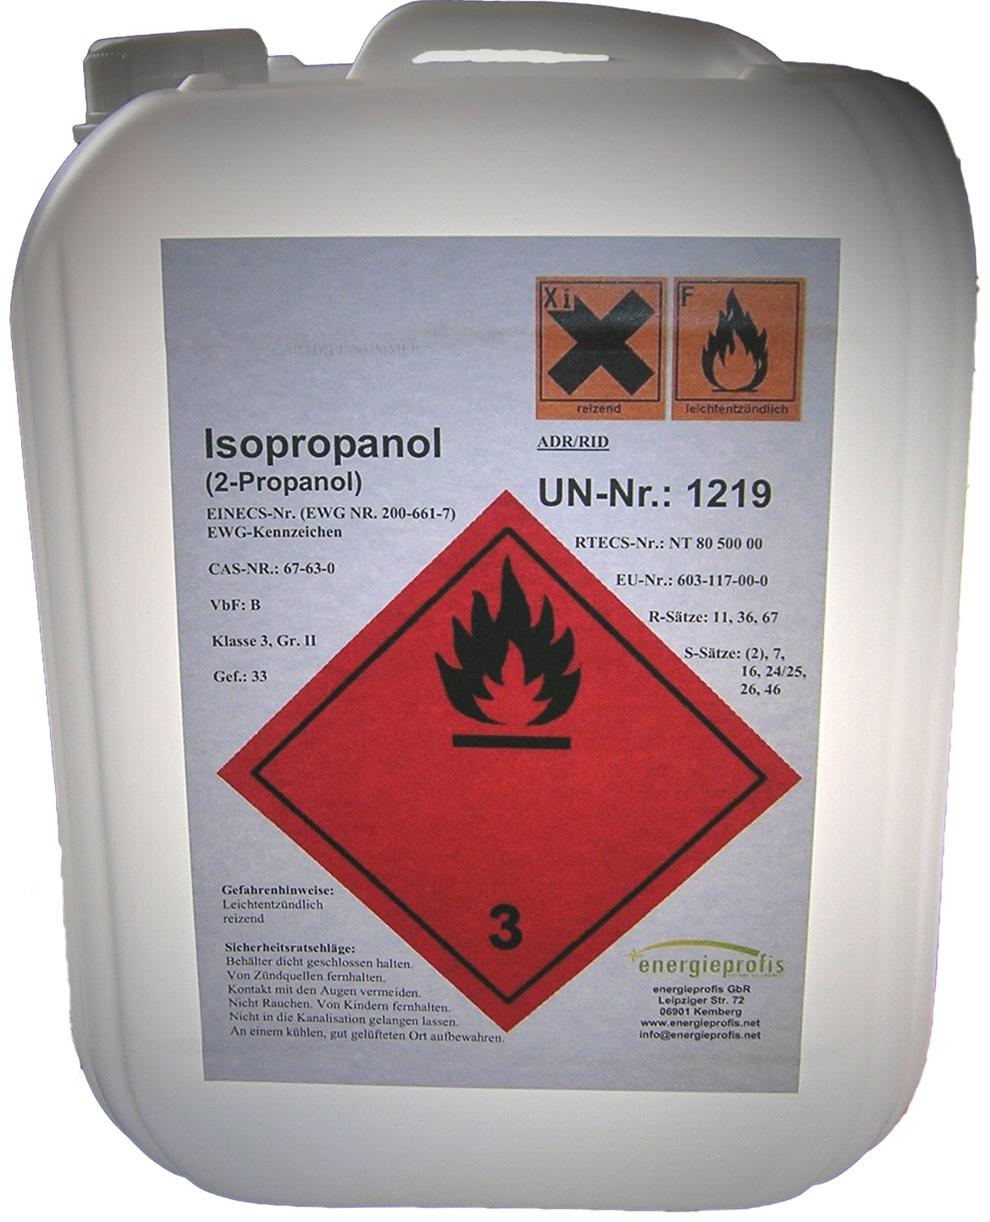 20 Liter Isopropanol 20,20 in Kanistern